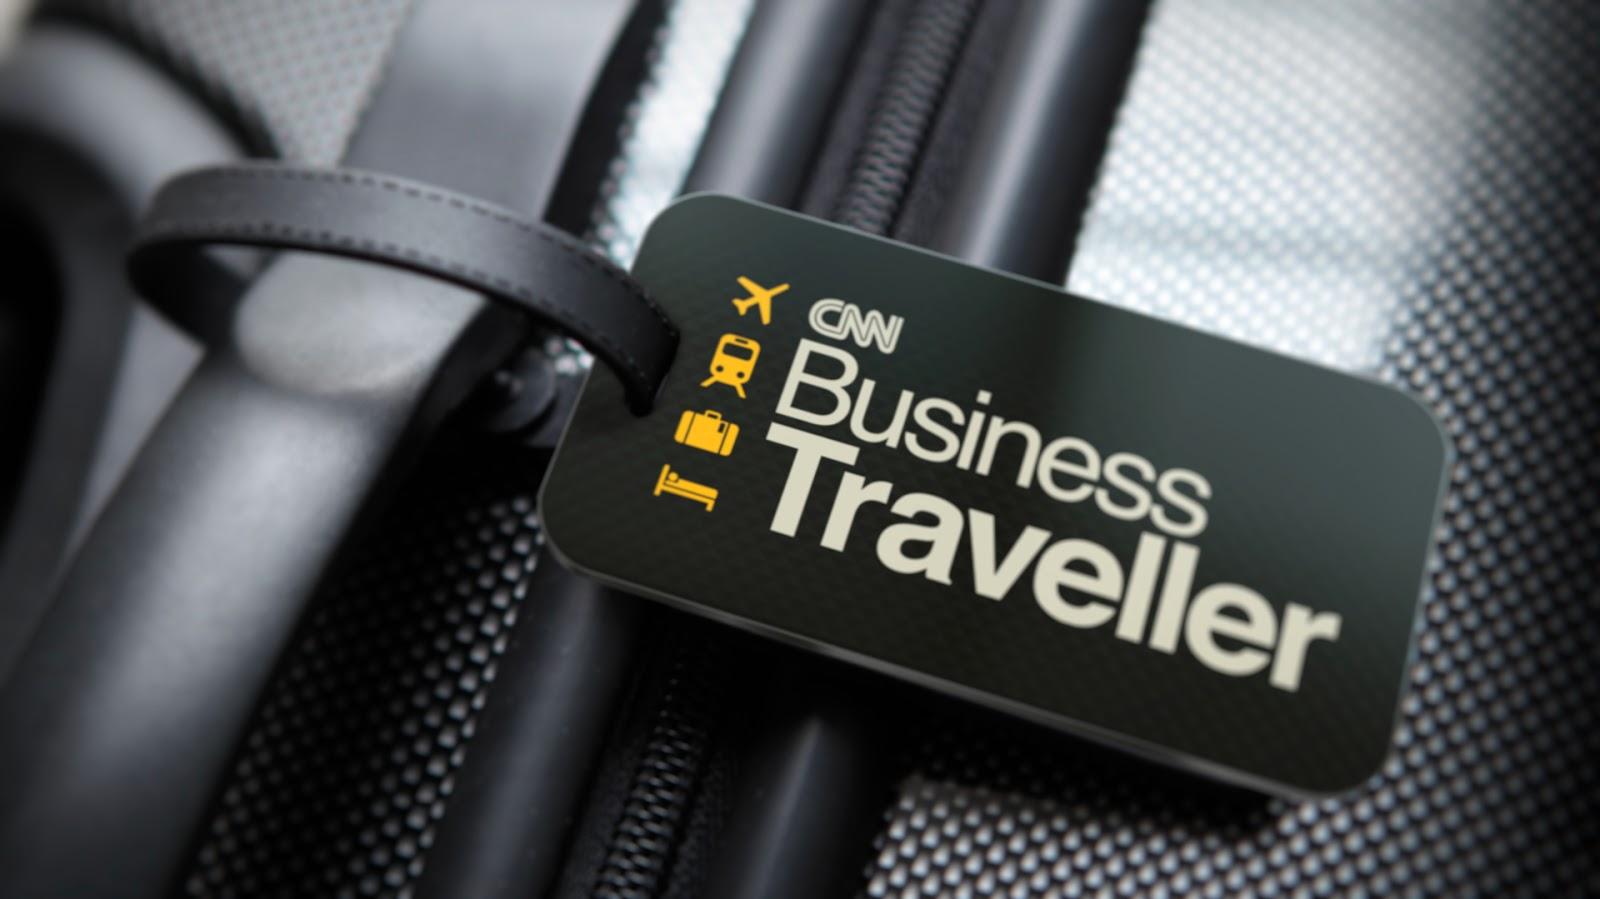 Cnn Business Traveller Low Cost